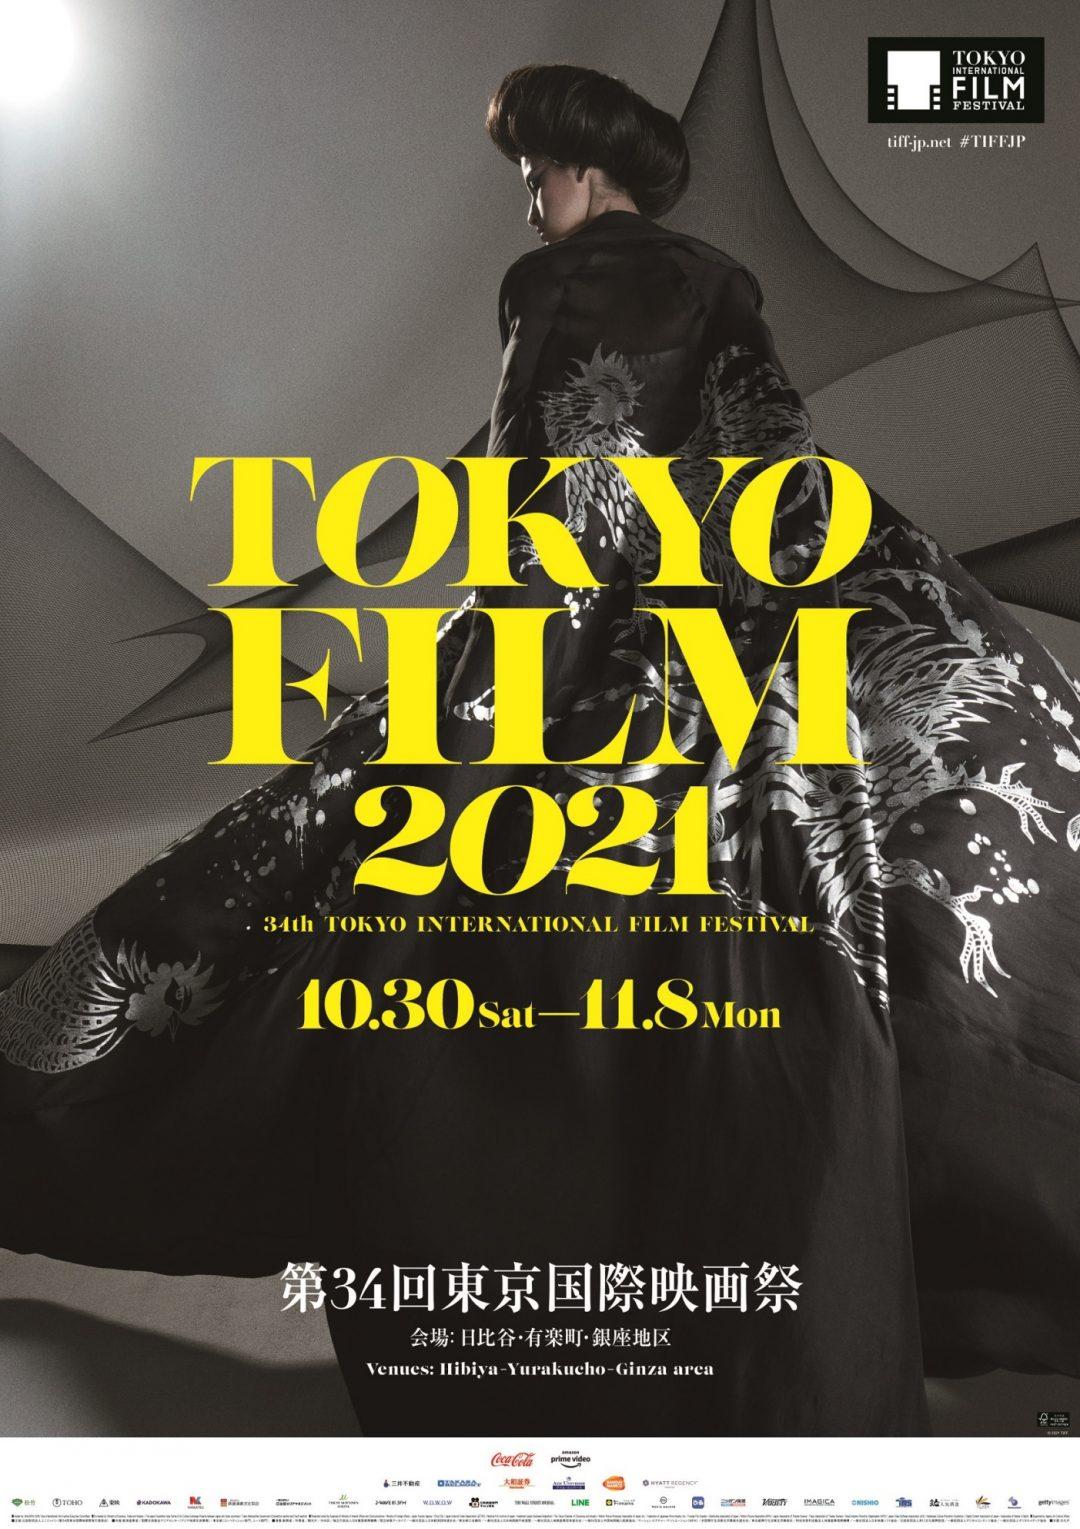 第34回東京国際映画祭 世界的デザイナー・コシノジュンコ監修の新ポスタービジュアルが公開